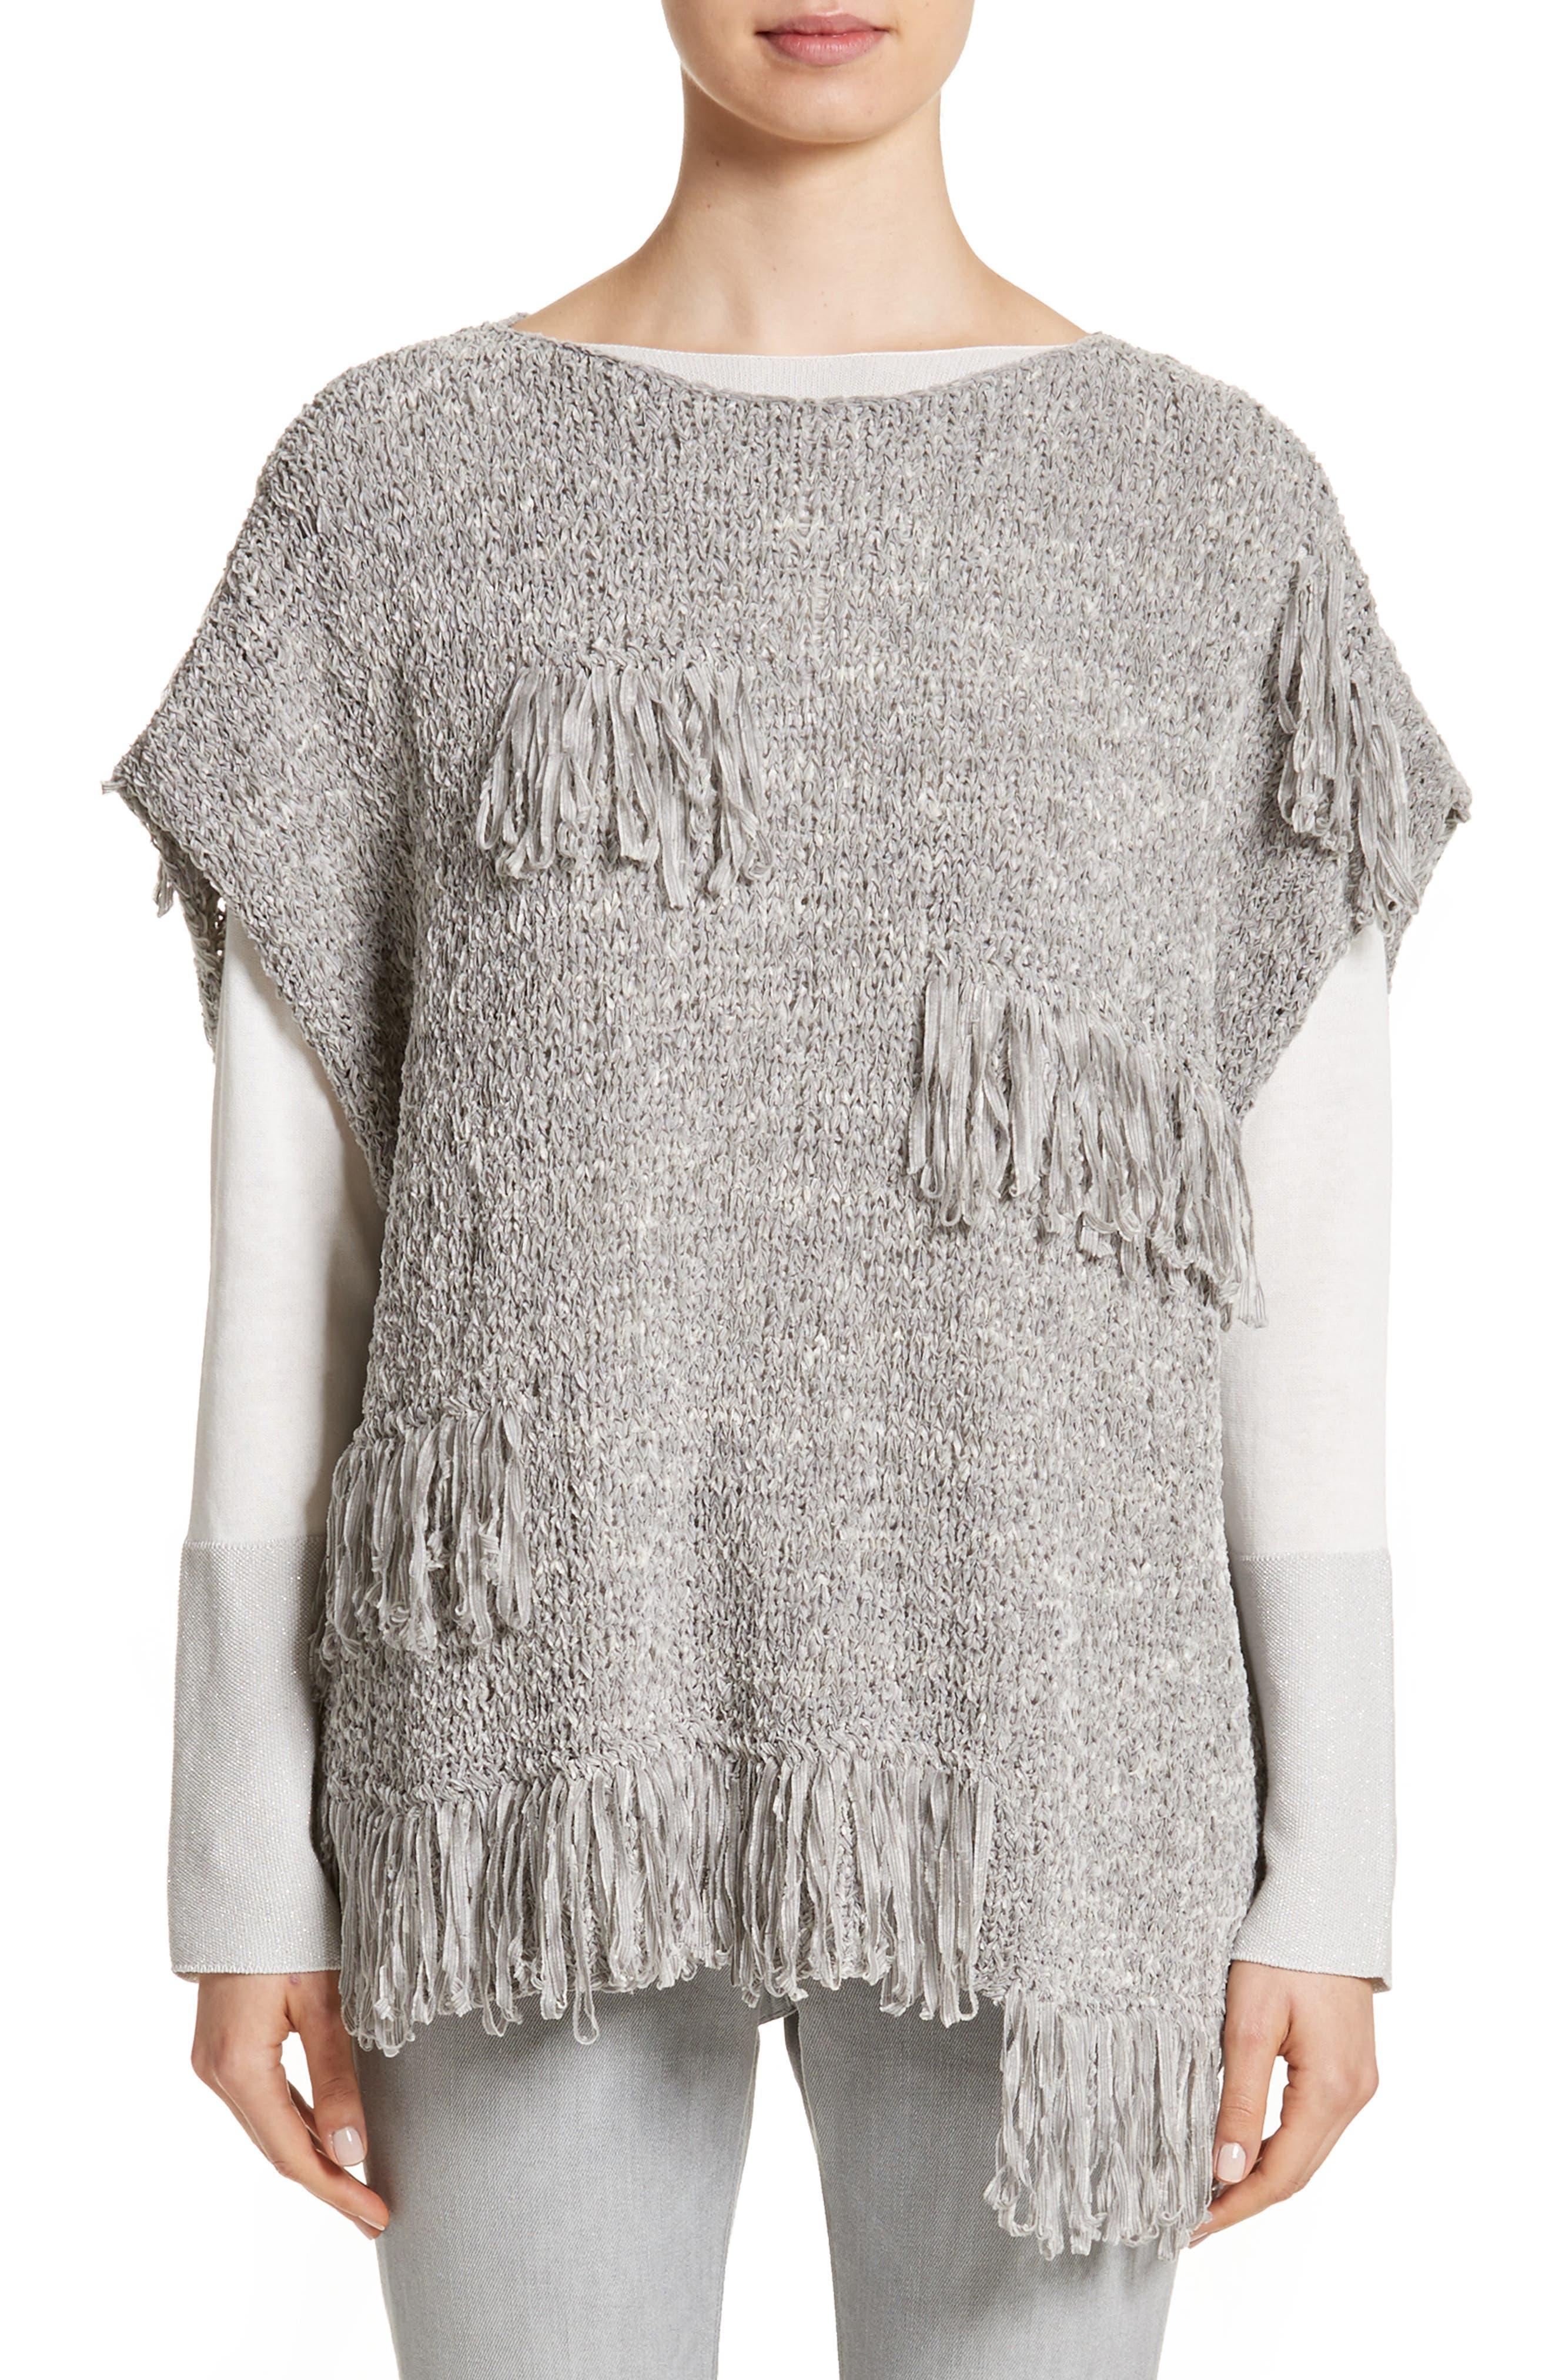 Alternate Image 1 Selected - Fabiana Filippi Fringe Chenille Knit Poncho Sweater